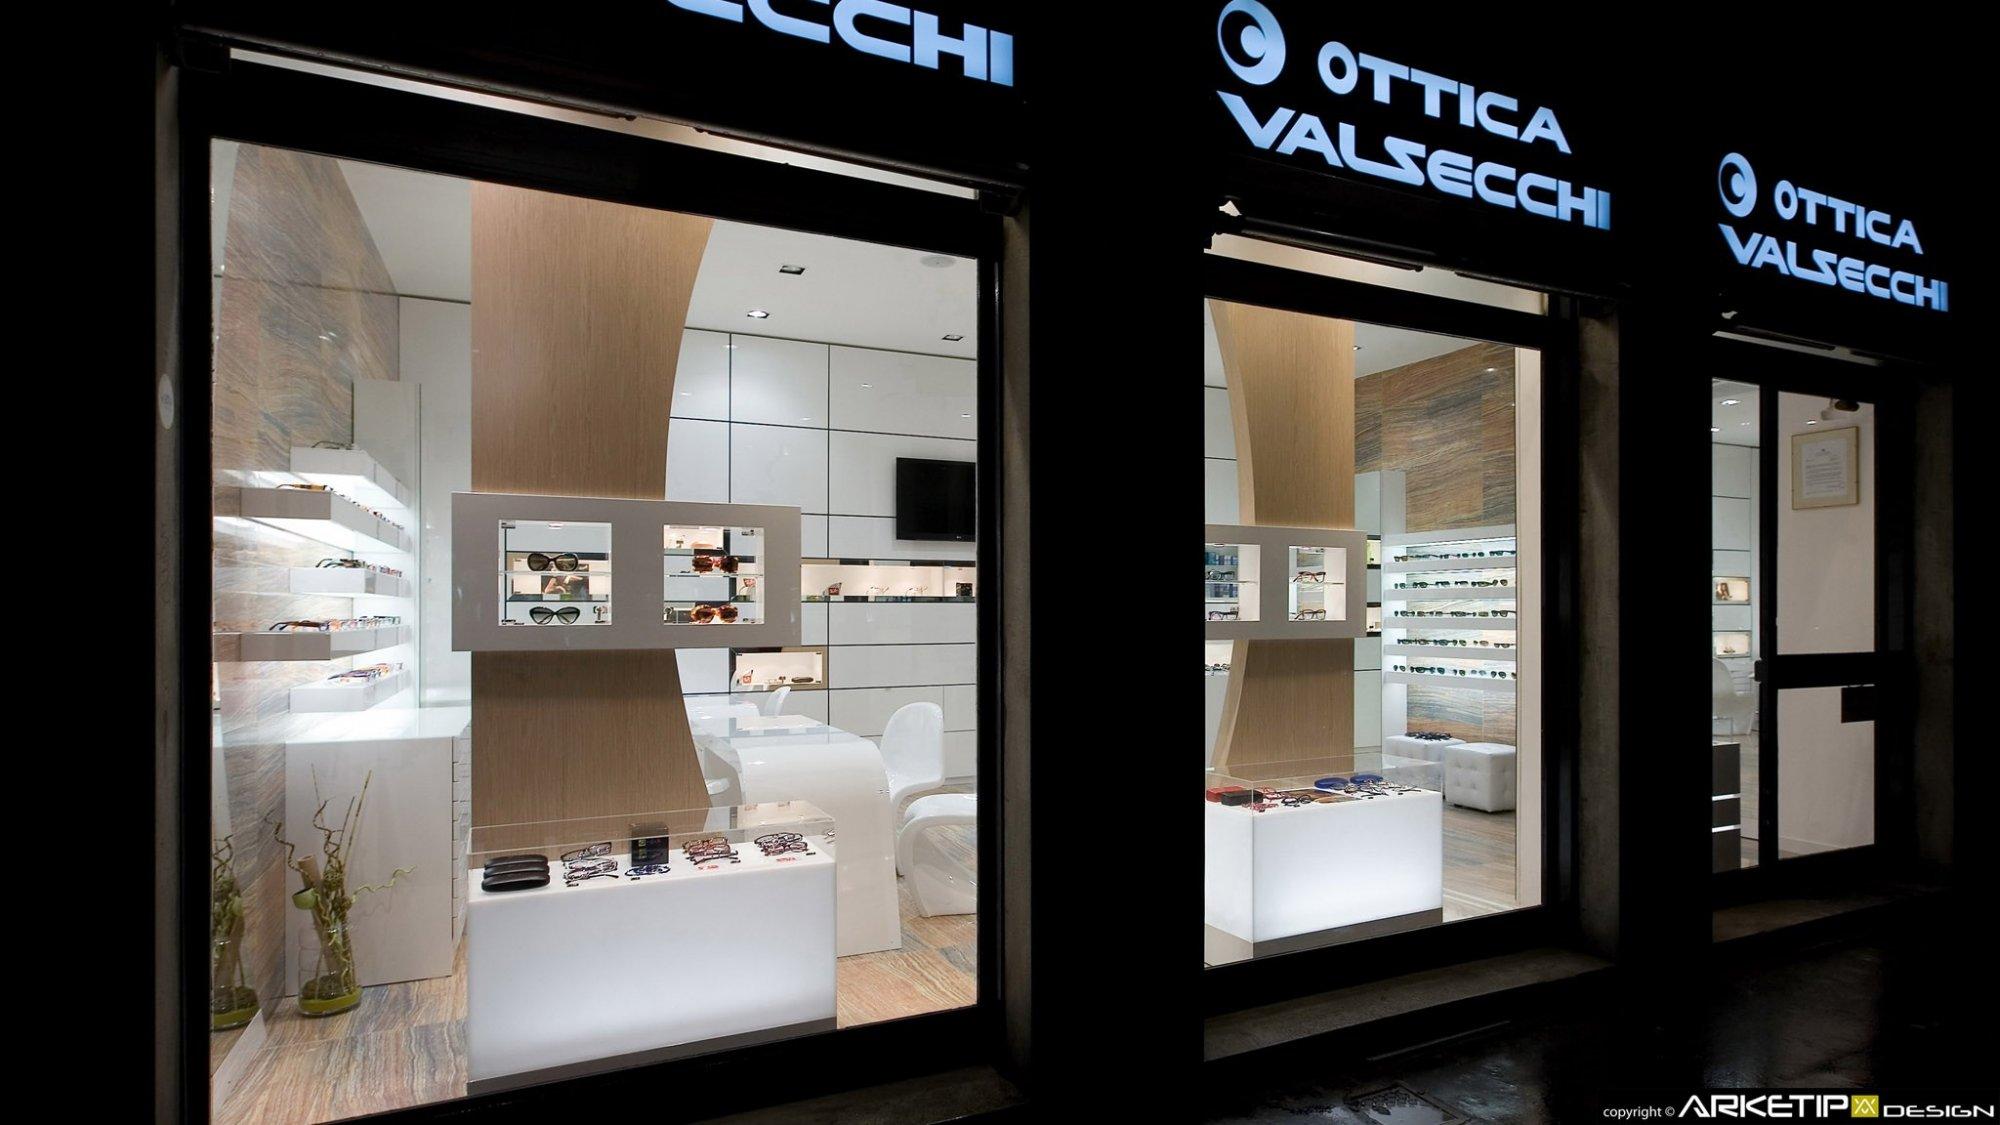 Arredamento Ottica Valsecchi Negozio Ottica Milano